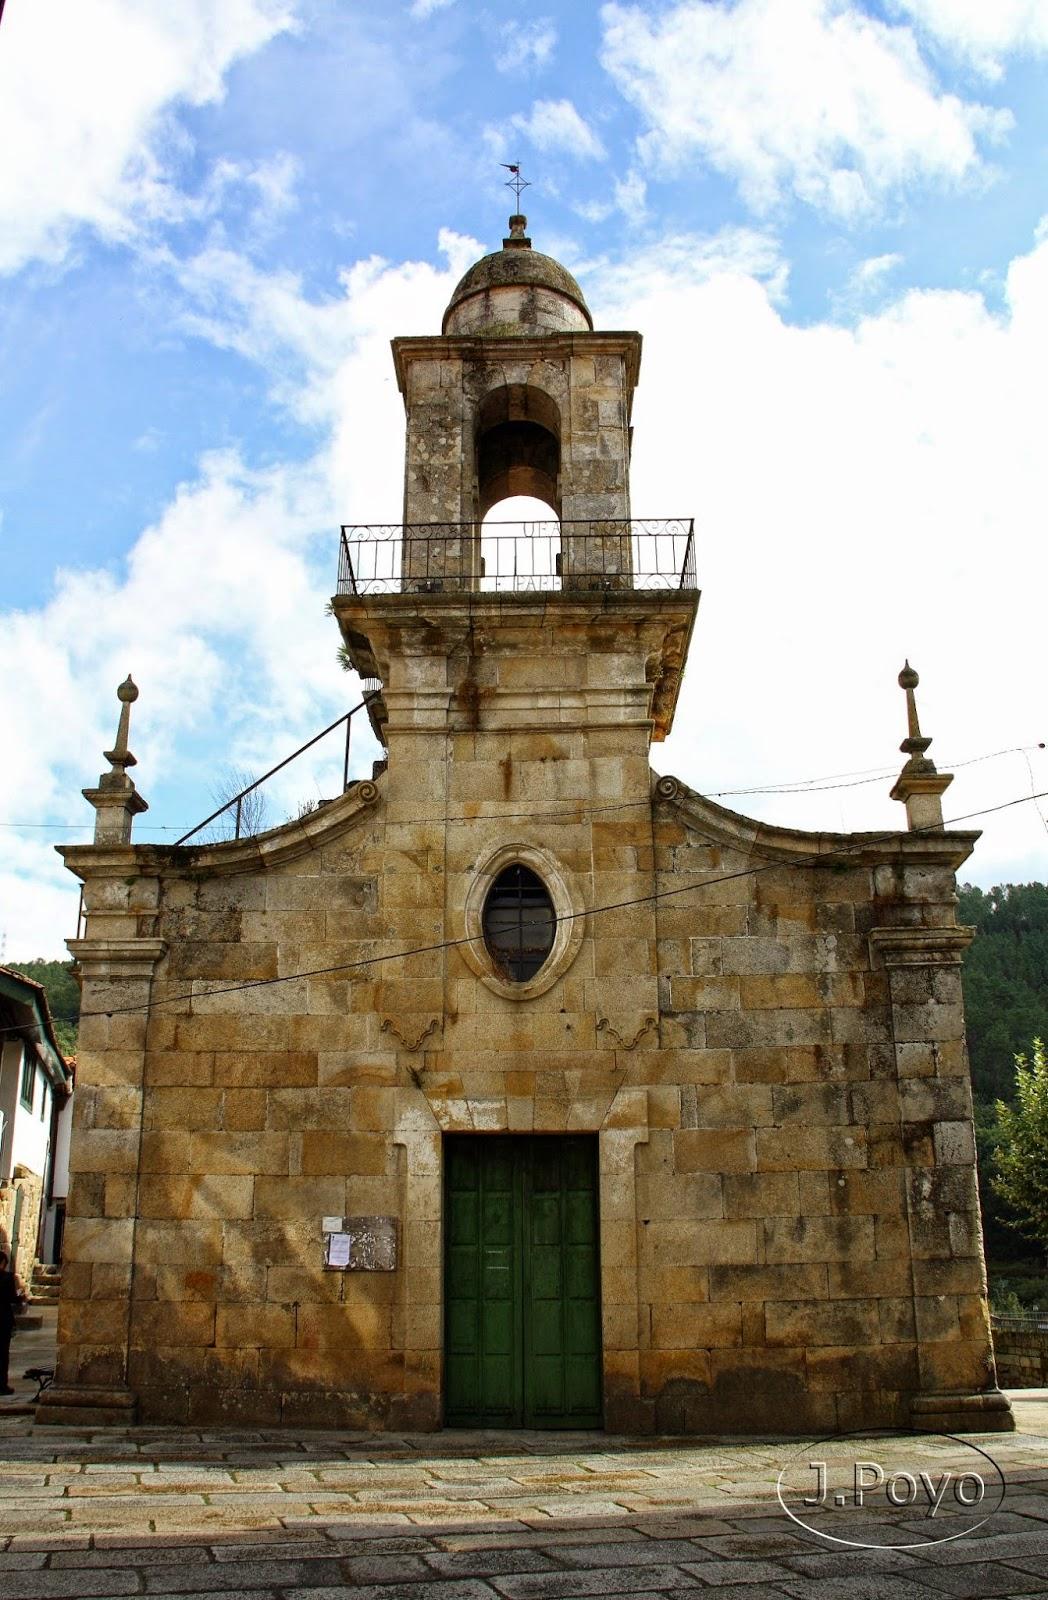 Puerta Falsa de la muralla de Ribadavia